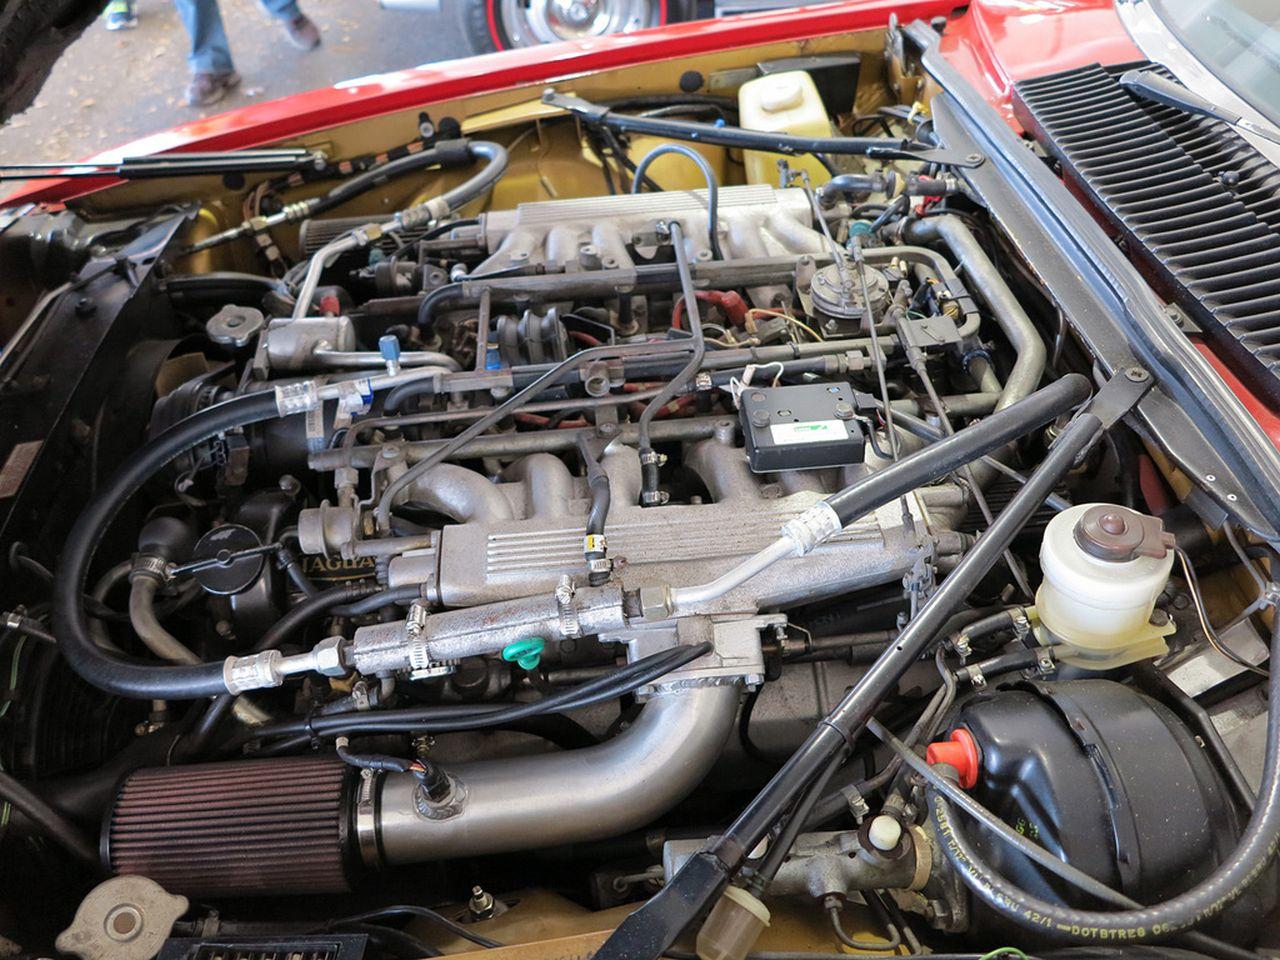 1982 Jaguar XJS Koenig Specials - Parce qu'en soi ton avis... 3